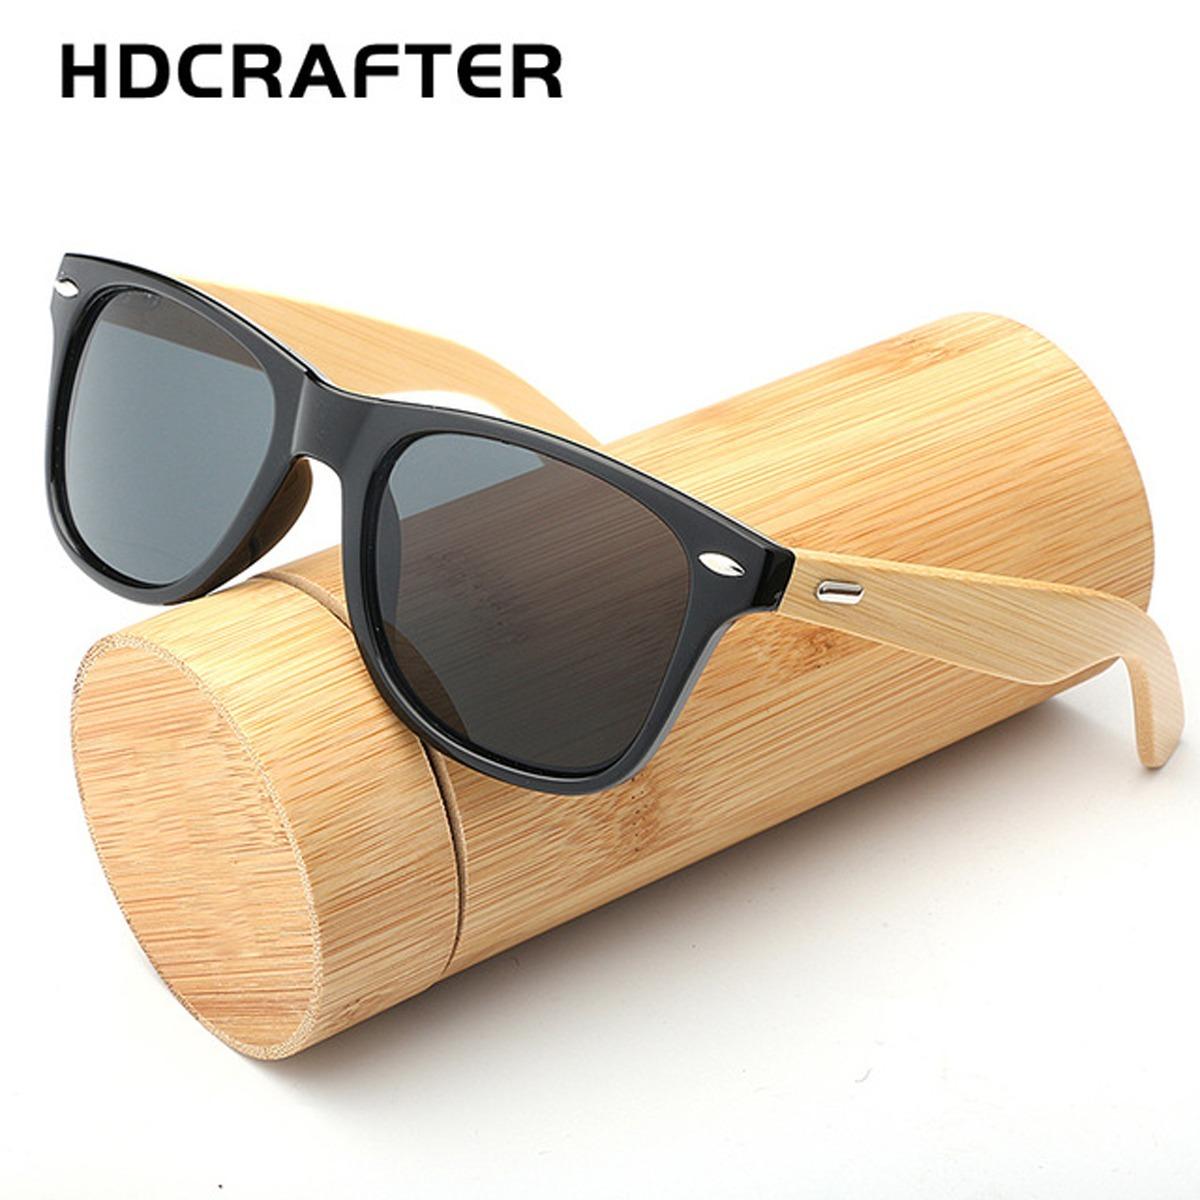 69dc44a532e77 óculos sol masculino redondo uv400 armação madeira hd. Carregando zoom.